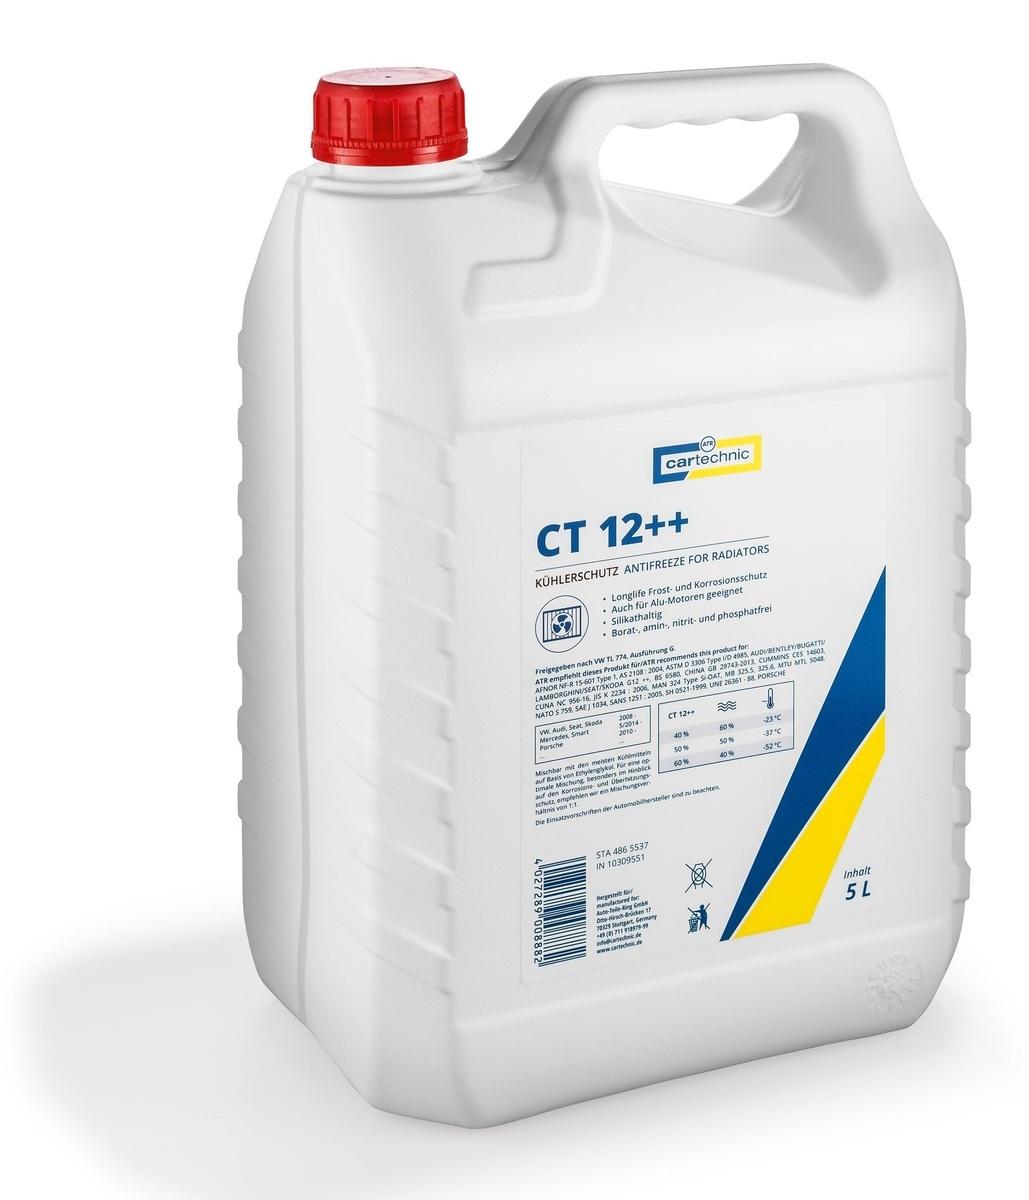 Chladicí kapalina - nemrznoucí směs CT 12 ++ fialová, 5 litrů - Cartechnic